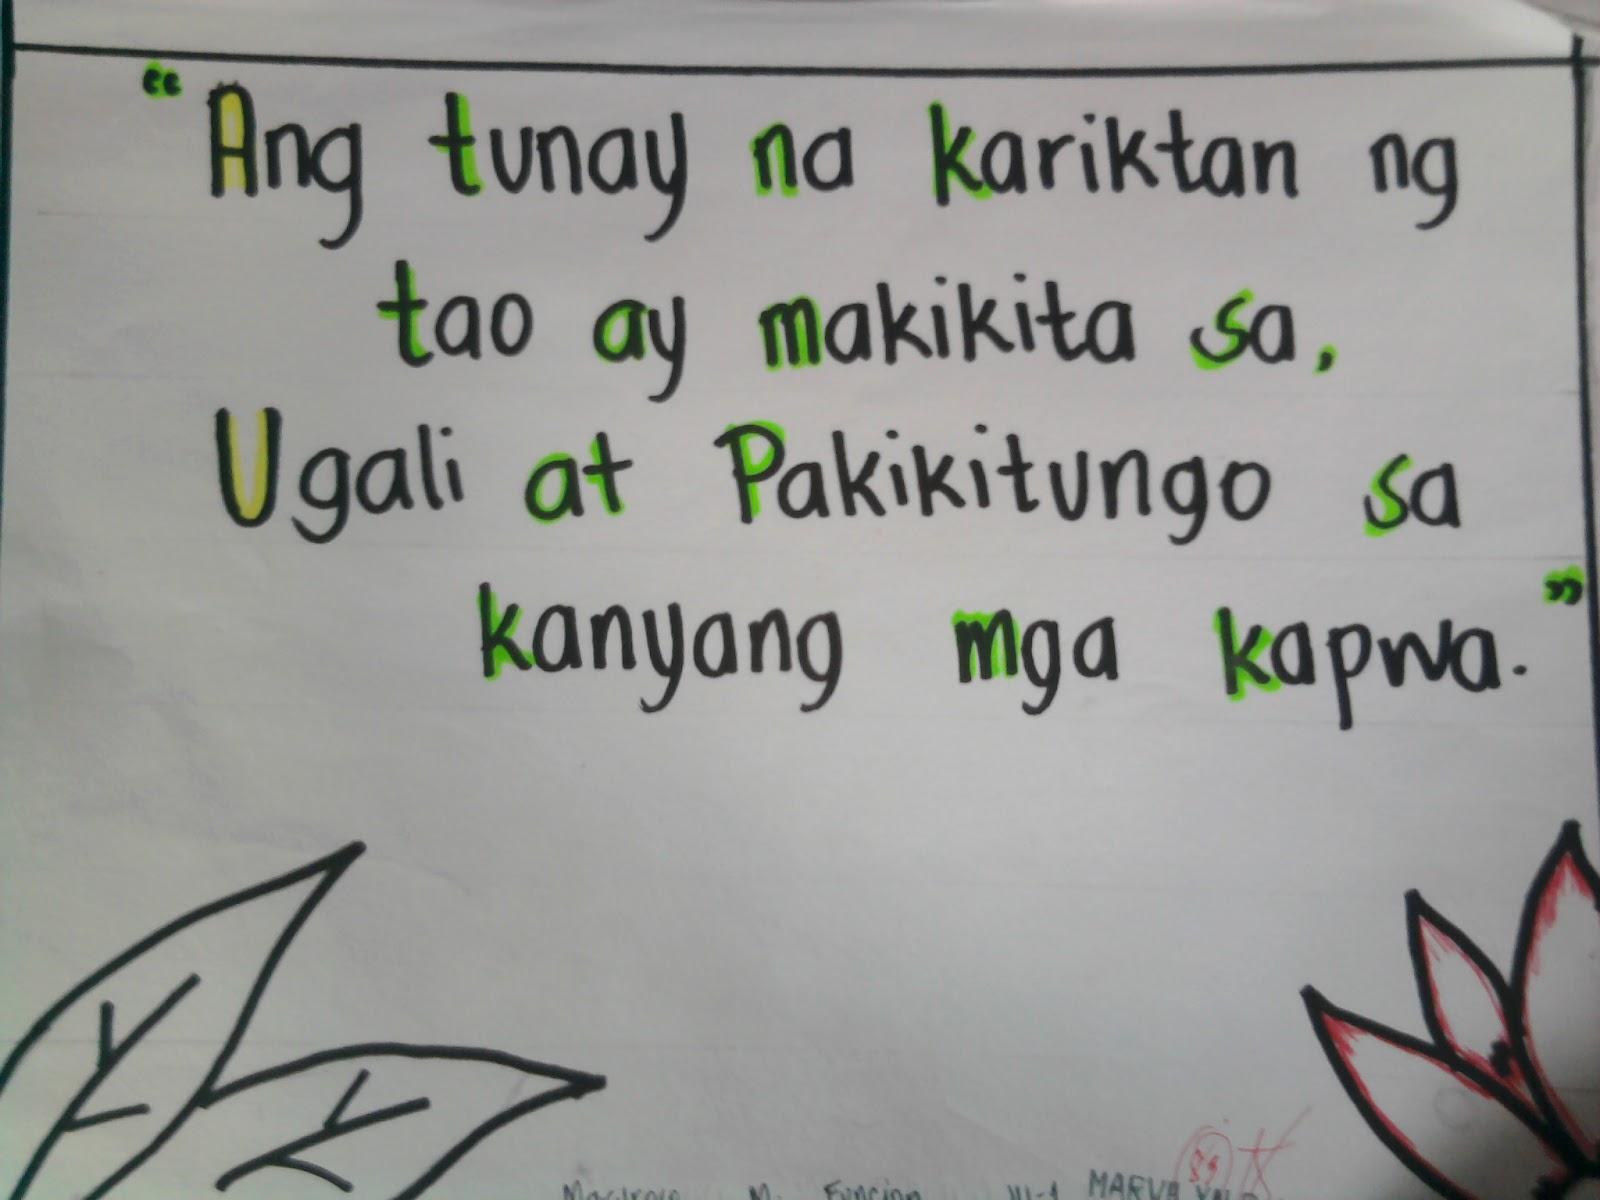 slogan sa kalikasan Mga halimbawa ng slogan tungkol sa kalikasan ay nag bibigay ng buhay sa taong nangangailangan ng ikakabuhay pero kalikasan din ang kikitil sa sanglibutan.